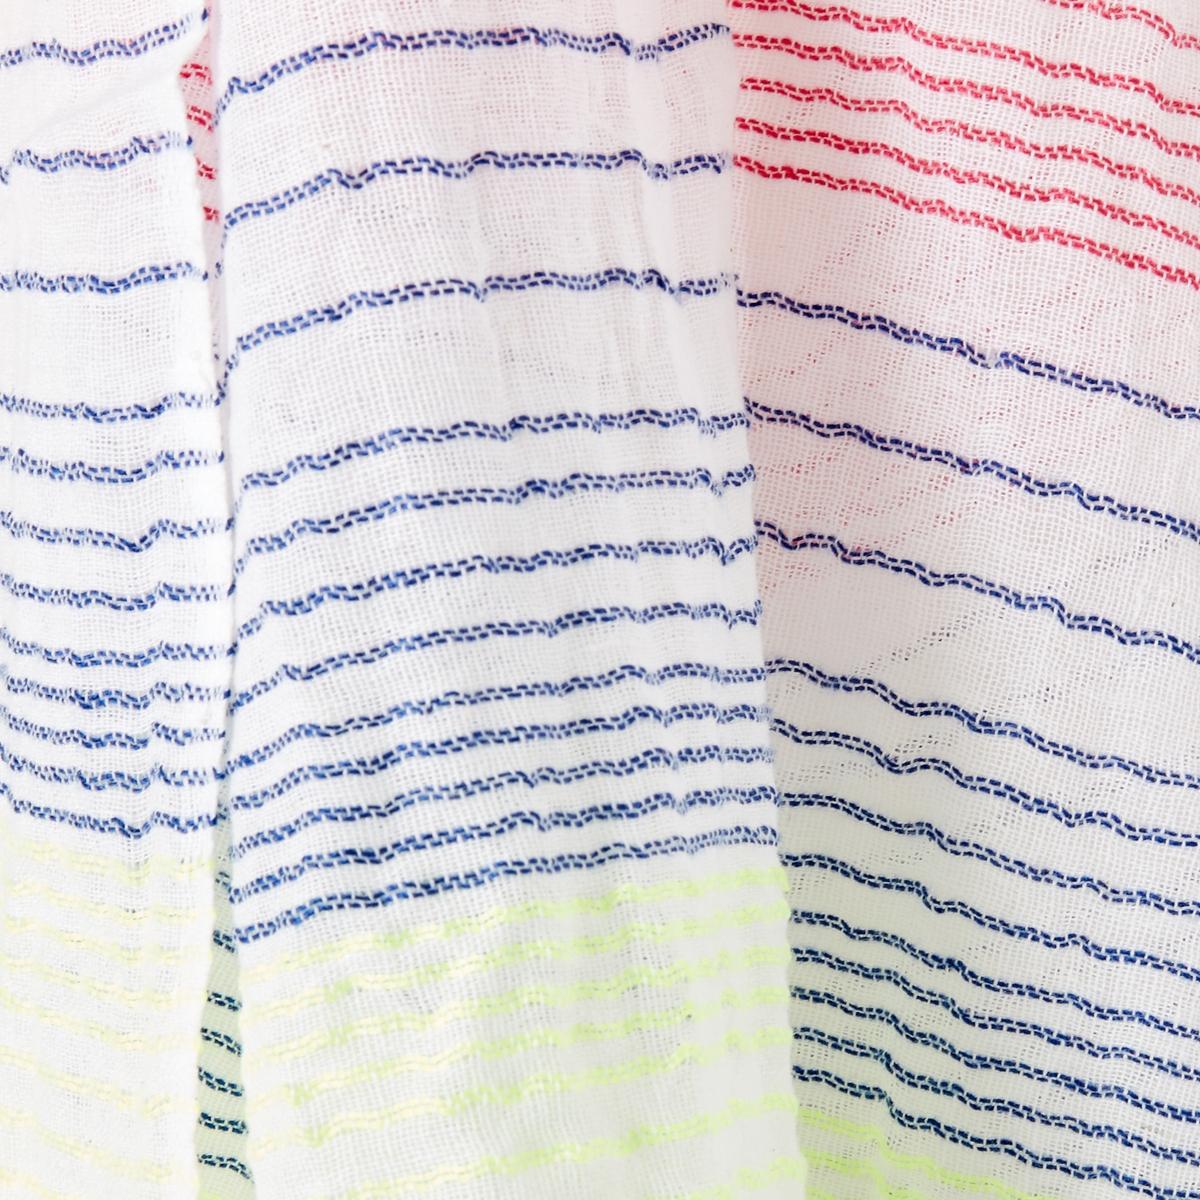 Платок в полоскуОписание:Платок с замечательным рисунком в тонкую блестящую полоску в богемном стиле. Платок можно сочетать с нашими любимыми джинсами! Состав и описание :Платок с рисунком. Рисунок в полоску.Флуоресцентные швы.Материал : полиэстерРазмер : 70 х 188 смУход :Следуйте рекомендациям по уходу, указанным на этикетке изделия.<br><br>Цвет: белый/яркий цвет